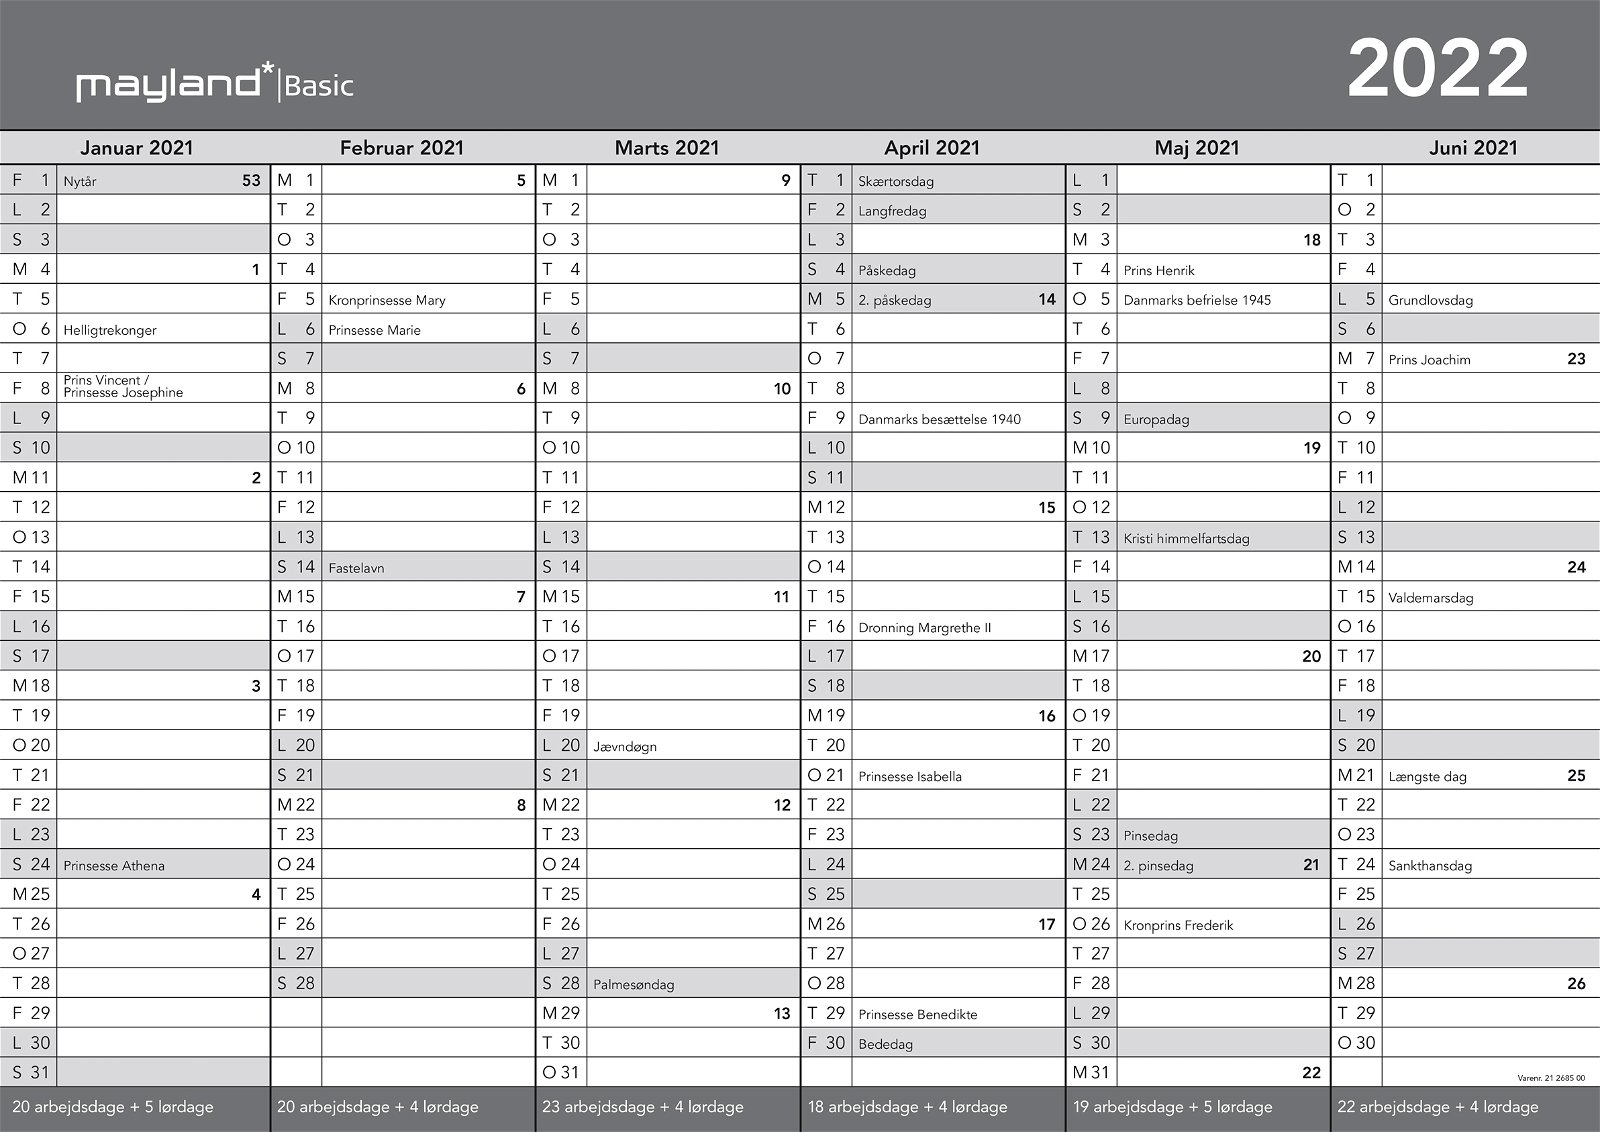 Mayland Basic kontorkalender 2022